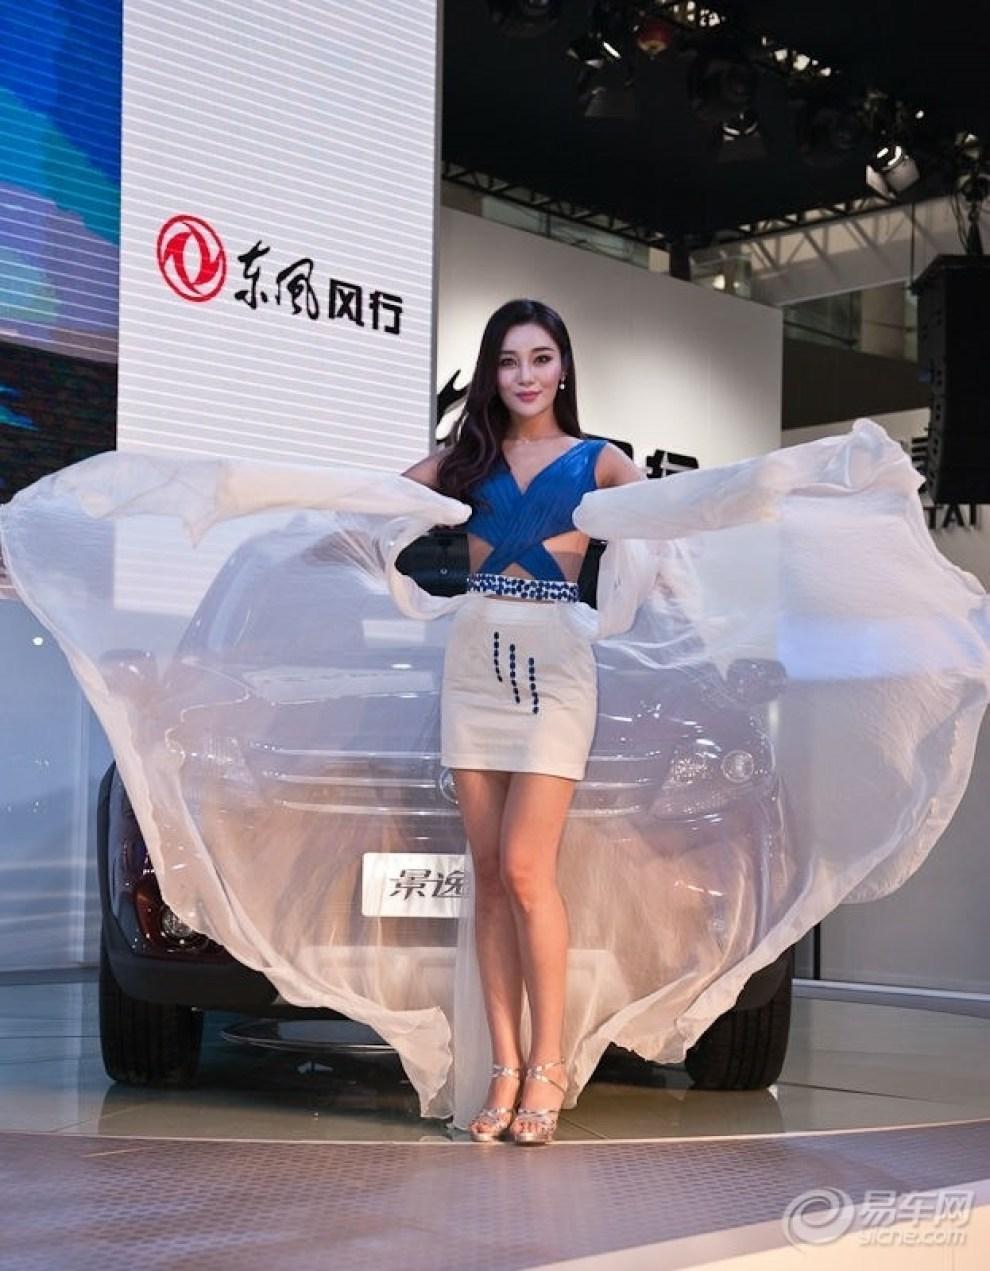 【【广州车展拍客】屌丝眼中的美女模特】 摄